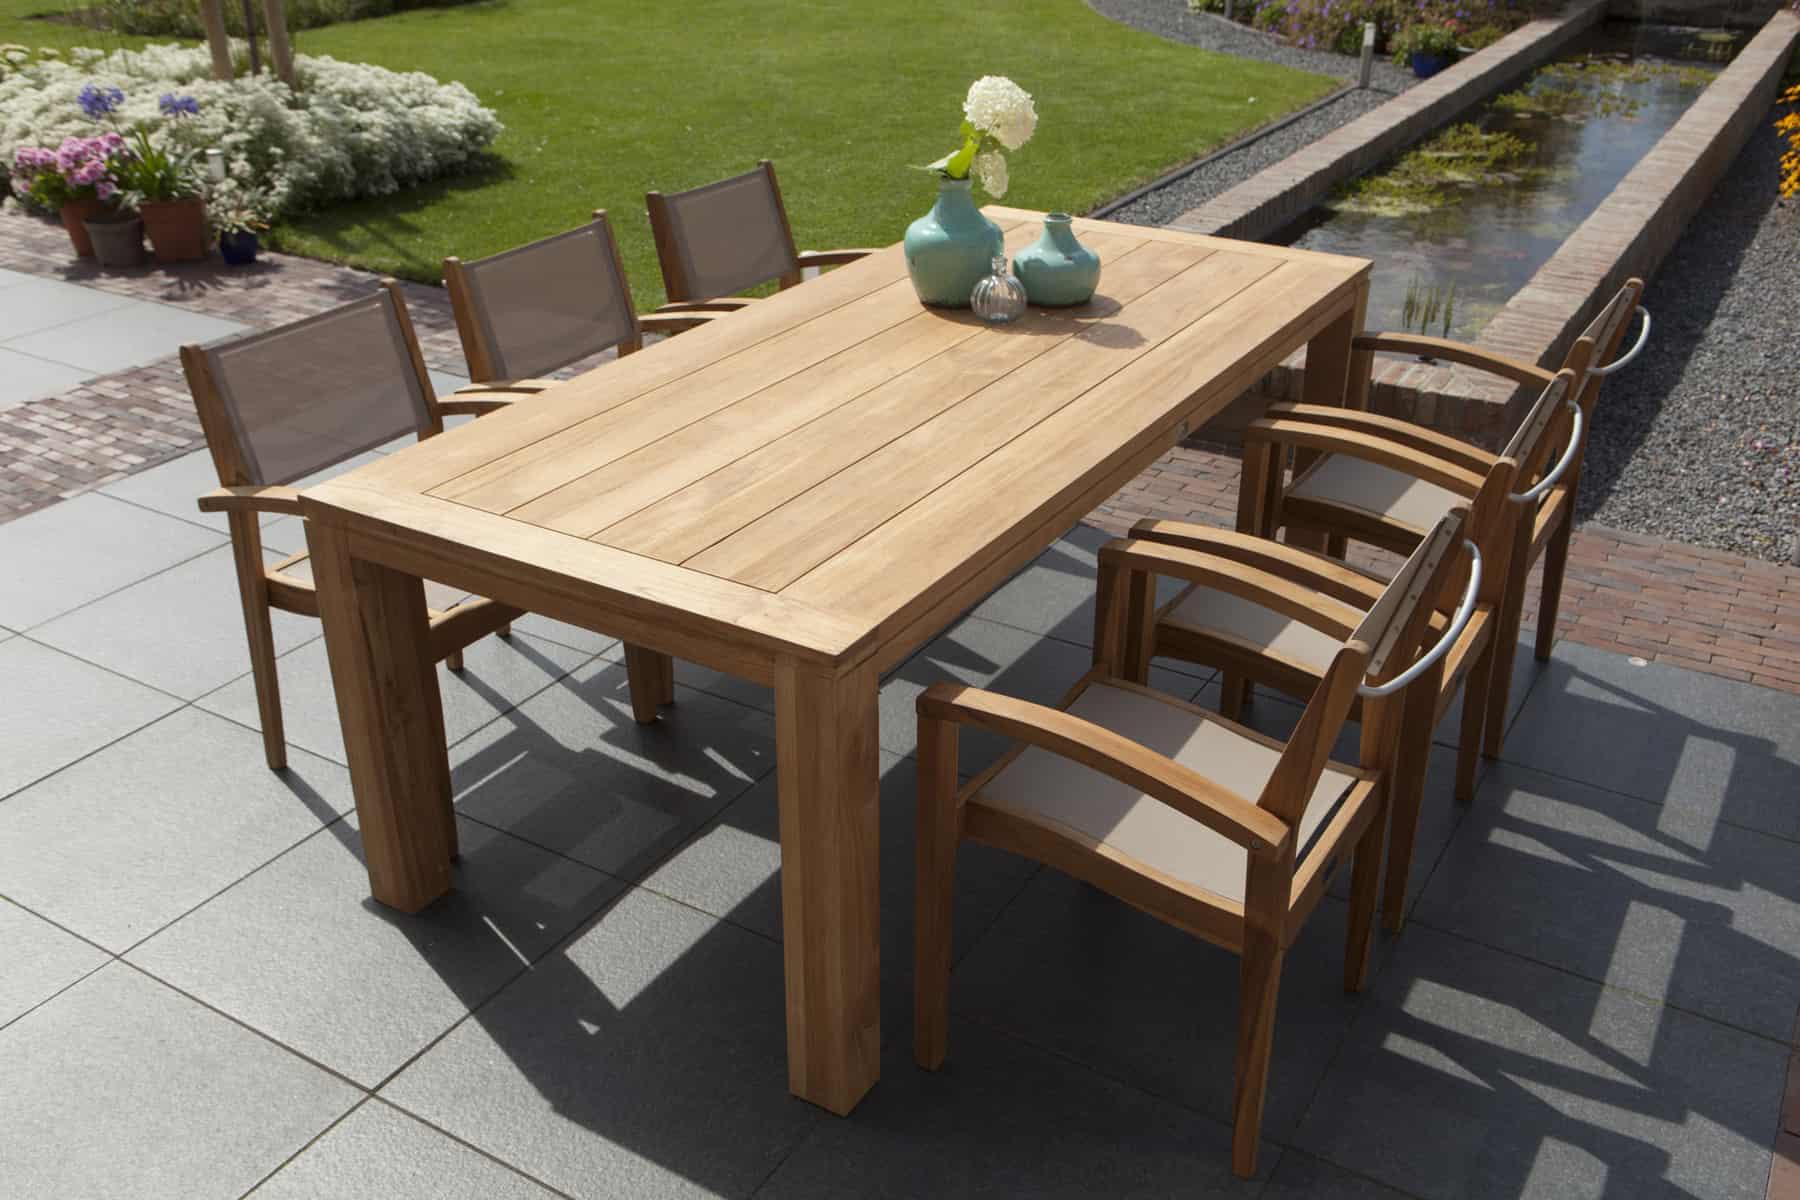 Holz Gartenmobel Teakholz Gartenmobel Keil Weinheim